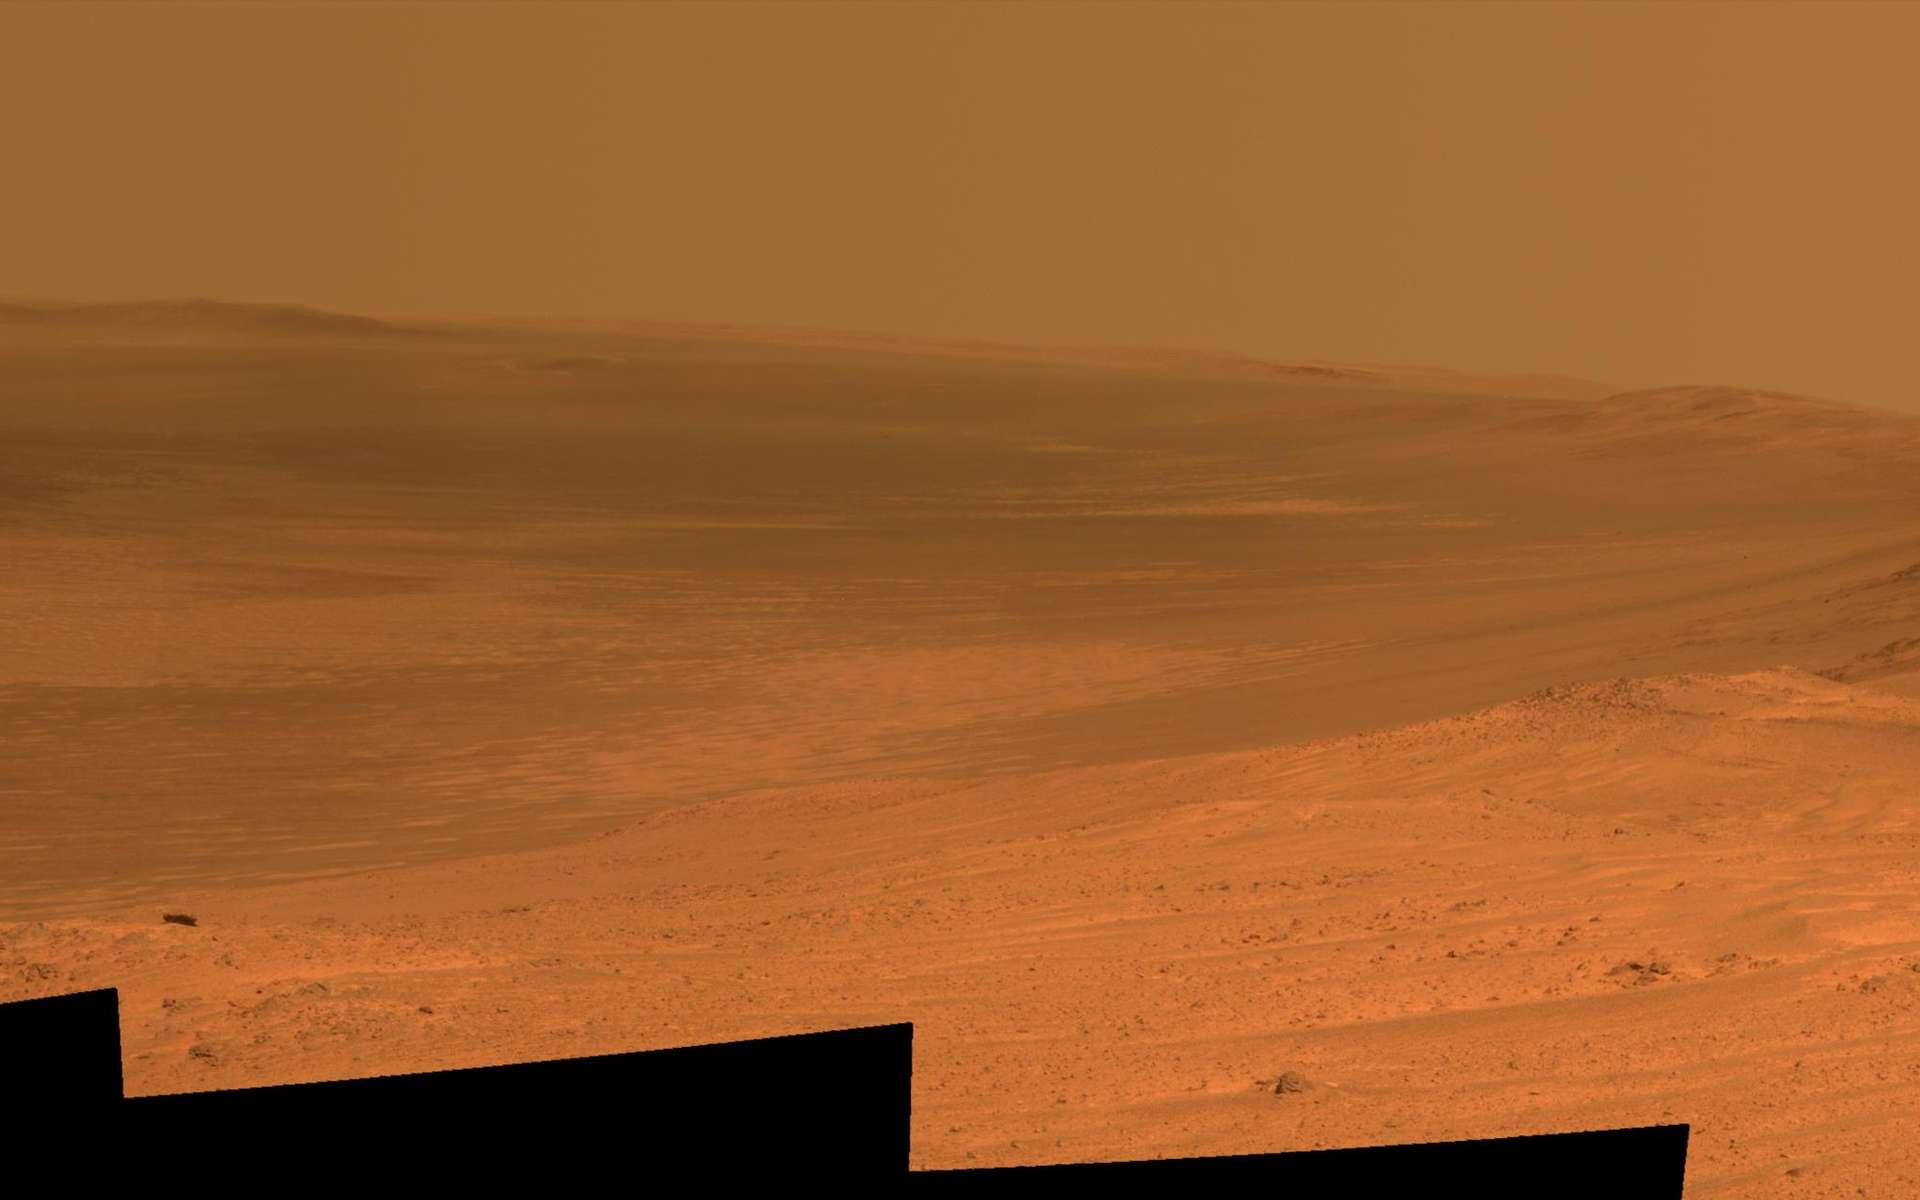 Mosaïque d'images prises le 18 avril 2014 (sol 3.637 de la mission) par la caméra panoramique (Pancam) d'Opportunity. Depuis la crête de Murray, au sommet des remparts ouest du vaste cratère d'impact, le rover profite d'un point de vue inédit sur les bordures est et sud-est d'Endeavour, distantes de 21 km. Beaucoup plus proche (environ 2 km), à droite de l'image, en direction du sud, se trouve son prochain site d'investigation, le Cap Tribulation. Au fond du cratère, on peut observer des dépôts de sables, de poussières et au lointain, un voile brumeux de poussières. © Nasa, JPL-Caltech, Cornell University, Arizona State University